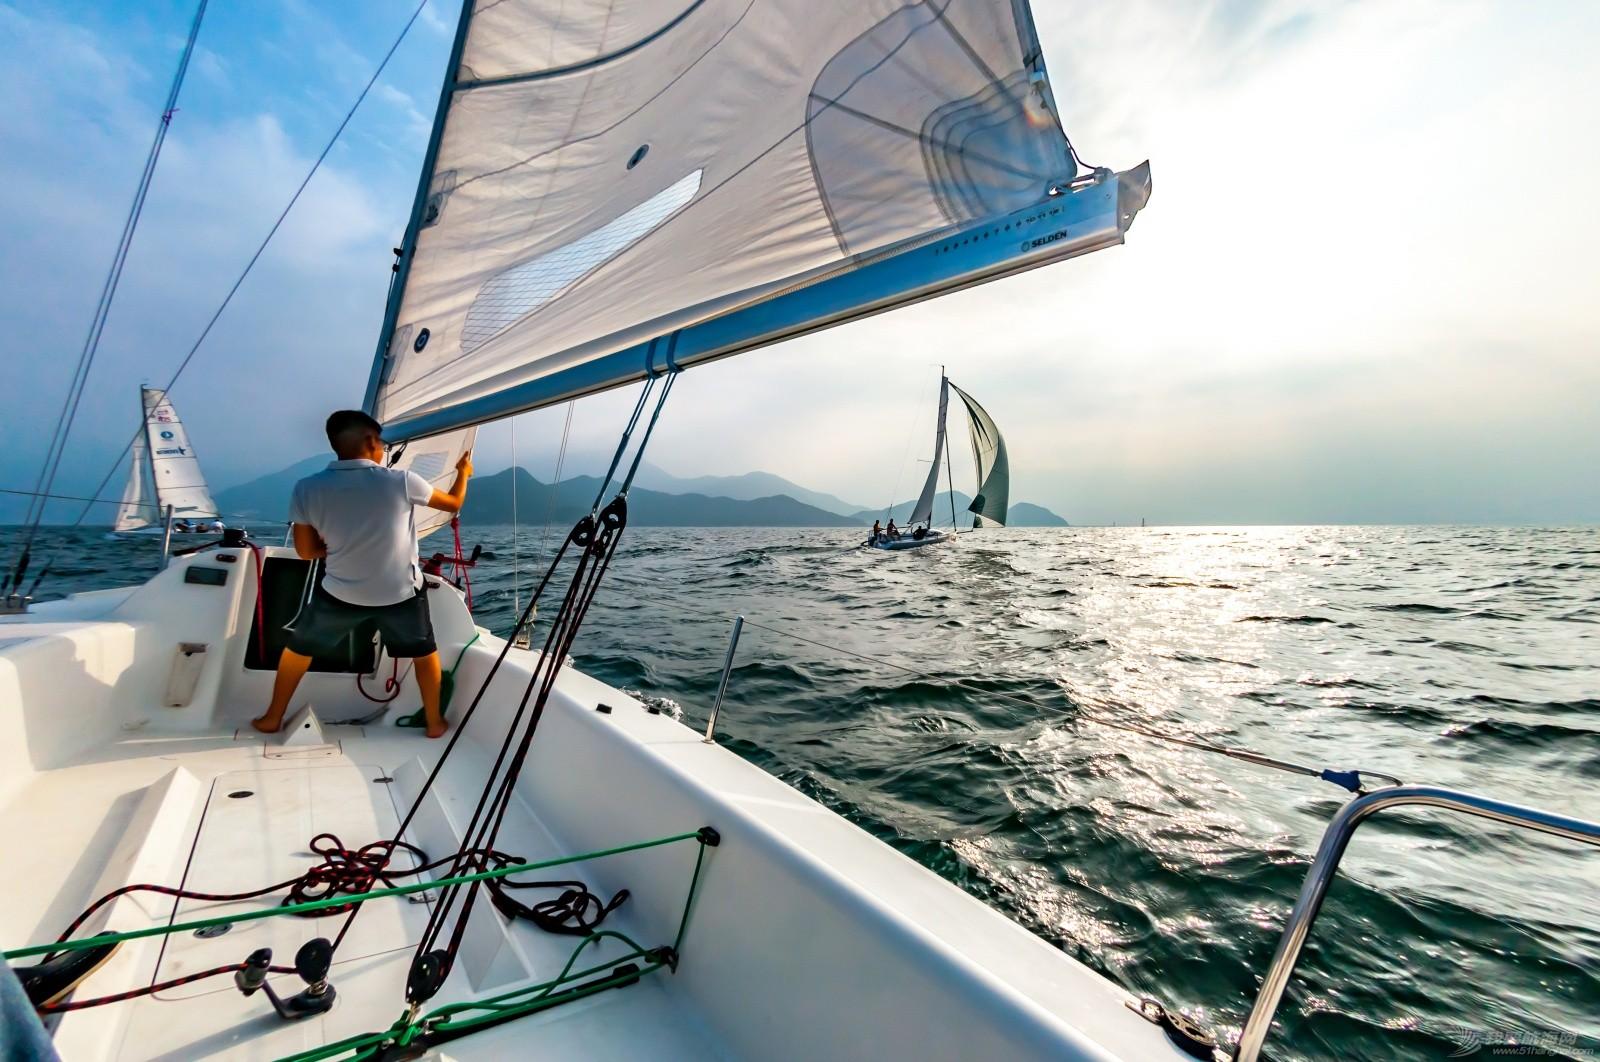 帆船 【2015大鹏杯帆船赛】鱼眼看航海 16025.jpg